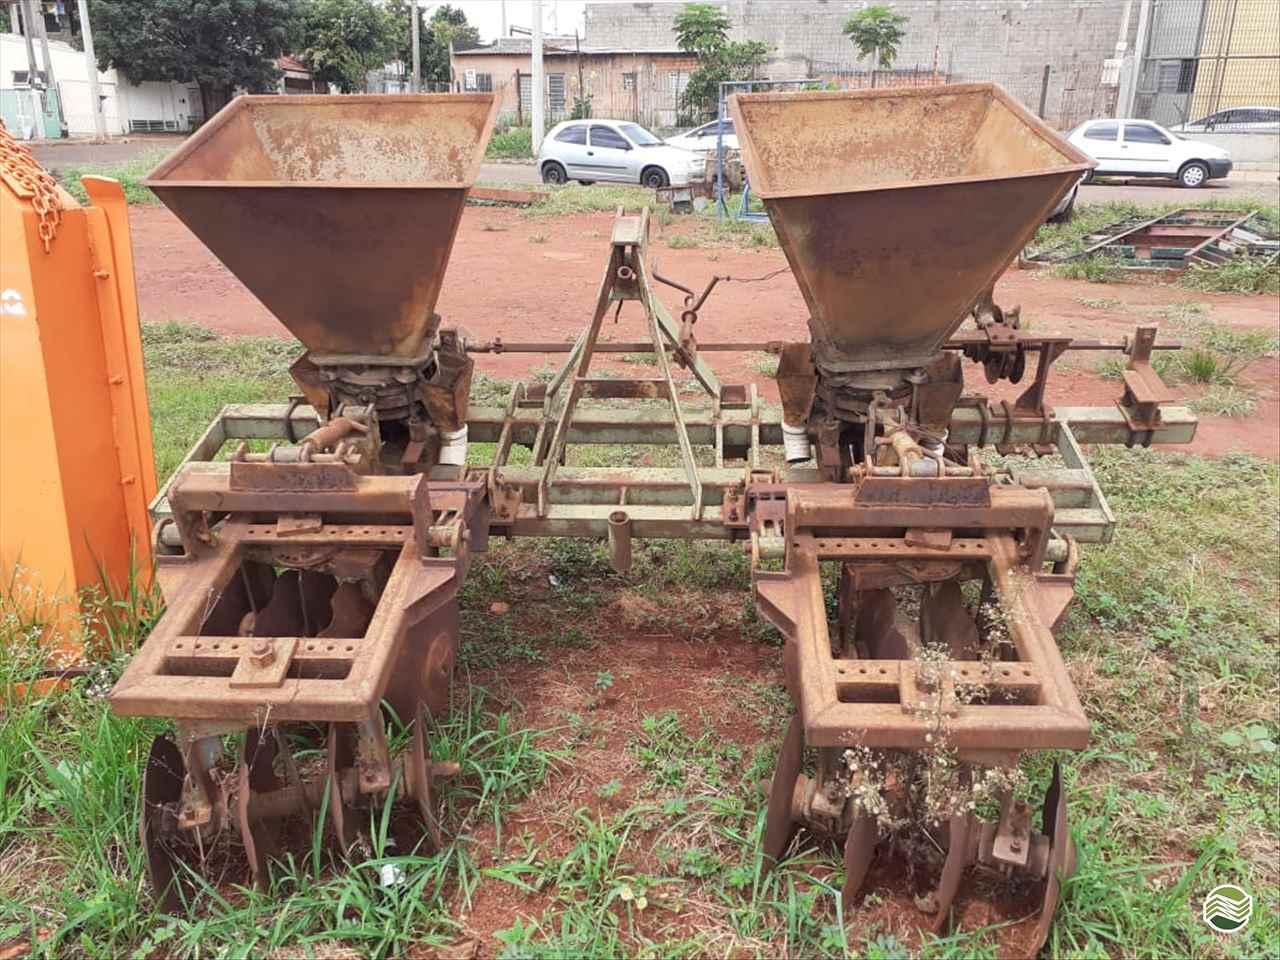 IMPLEMENTOS AGRICOLAS CULTIVADOR 2 LINHAS ADUBADOR Sumaré Máquinas e Veículos SUMARE SÃO PAULO SP